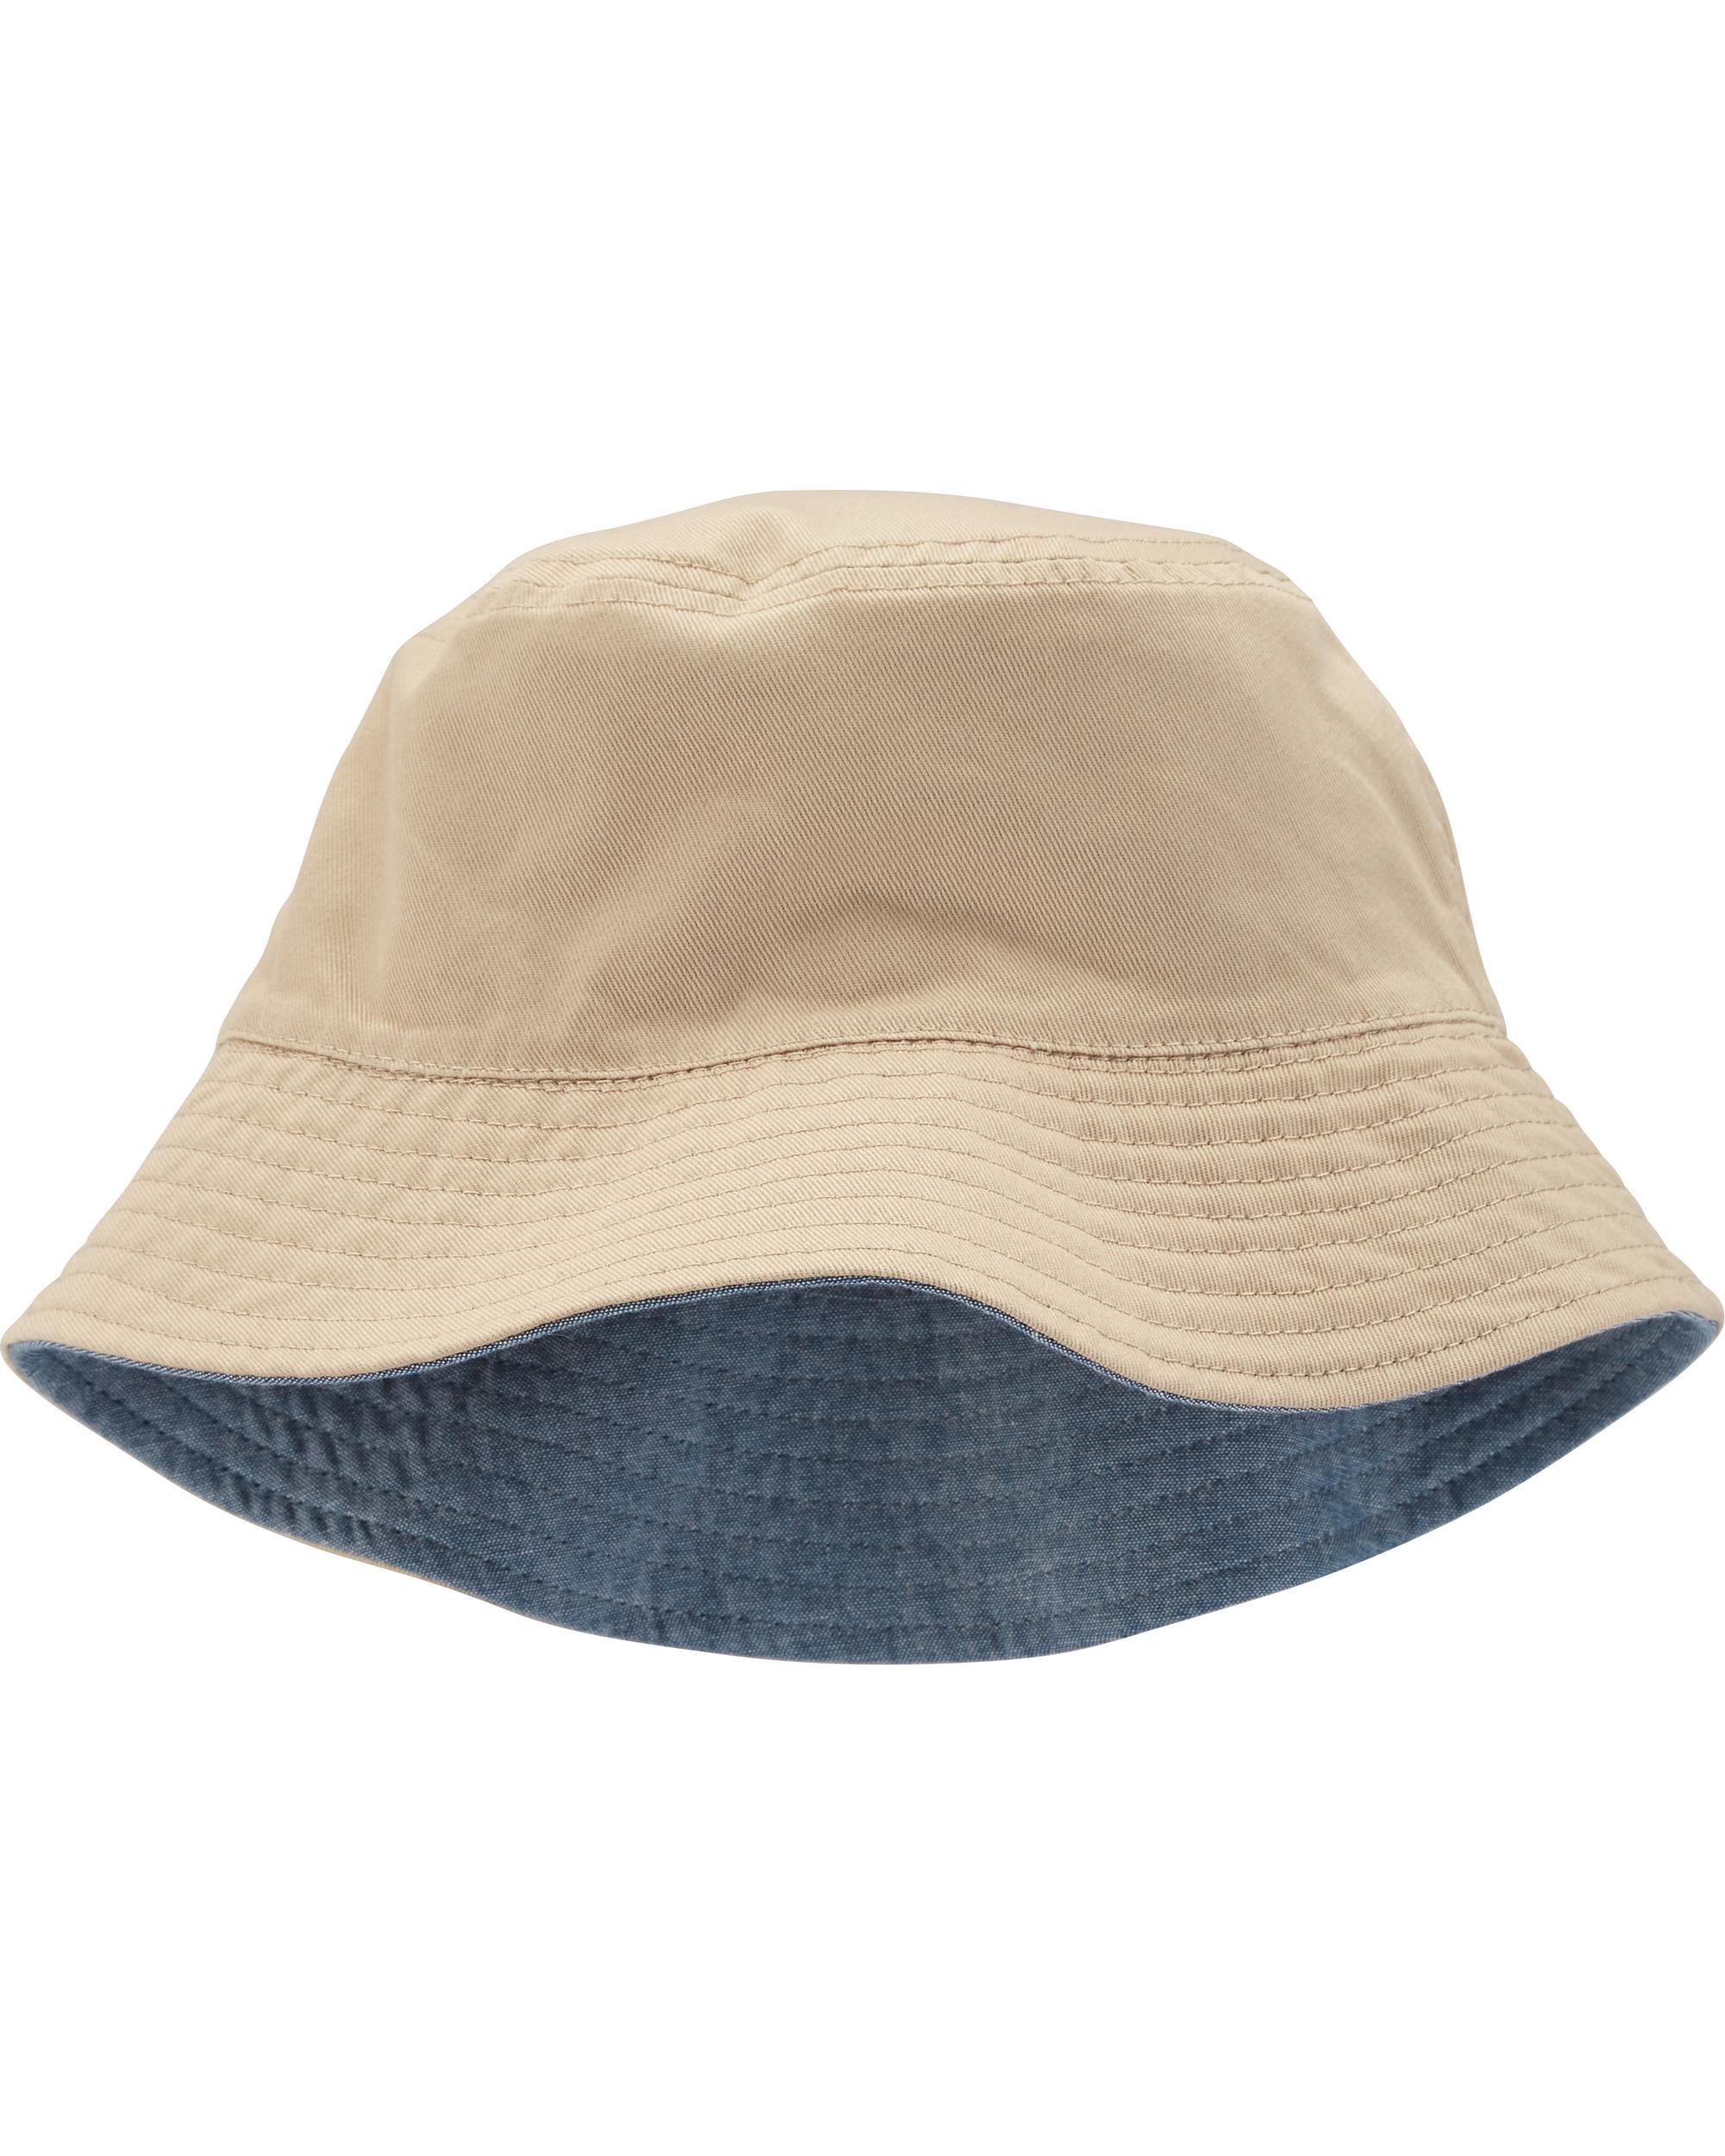 Reversible Bucket Hat Carters Com